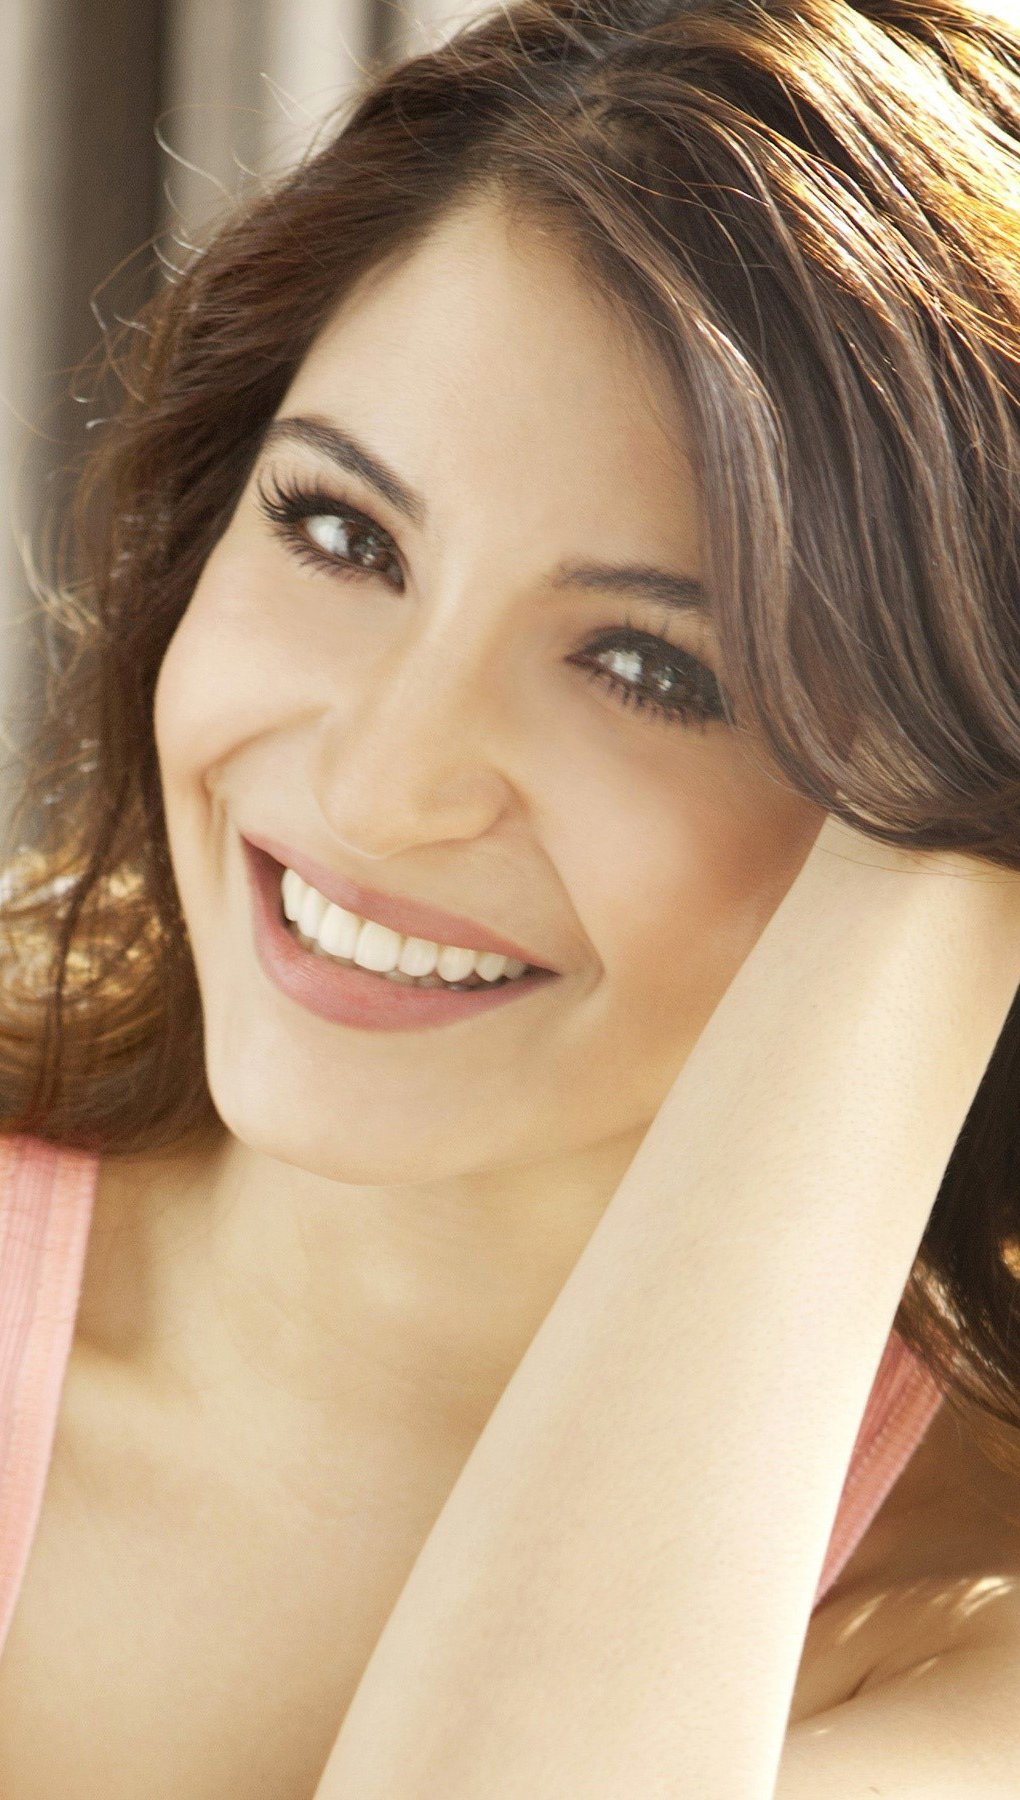 Wallpaper Bollywood actress Anushka Sharma Vertical